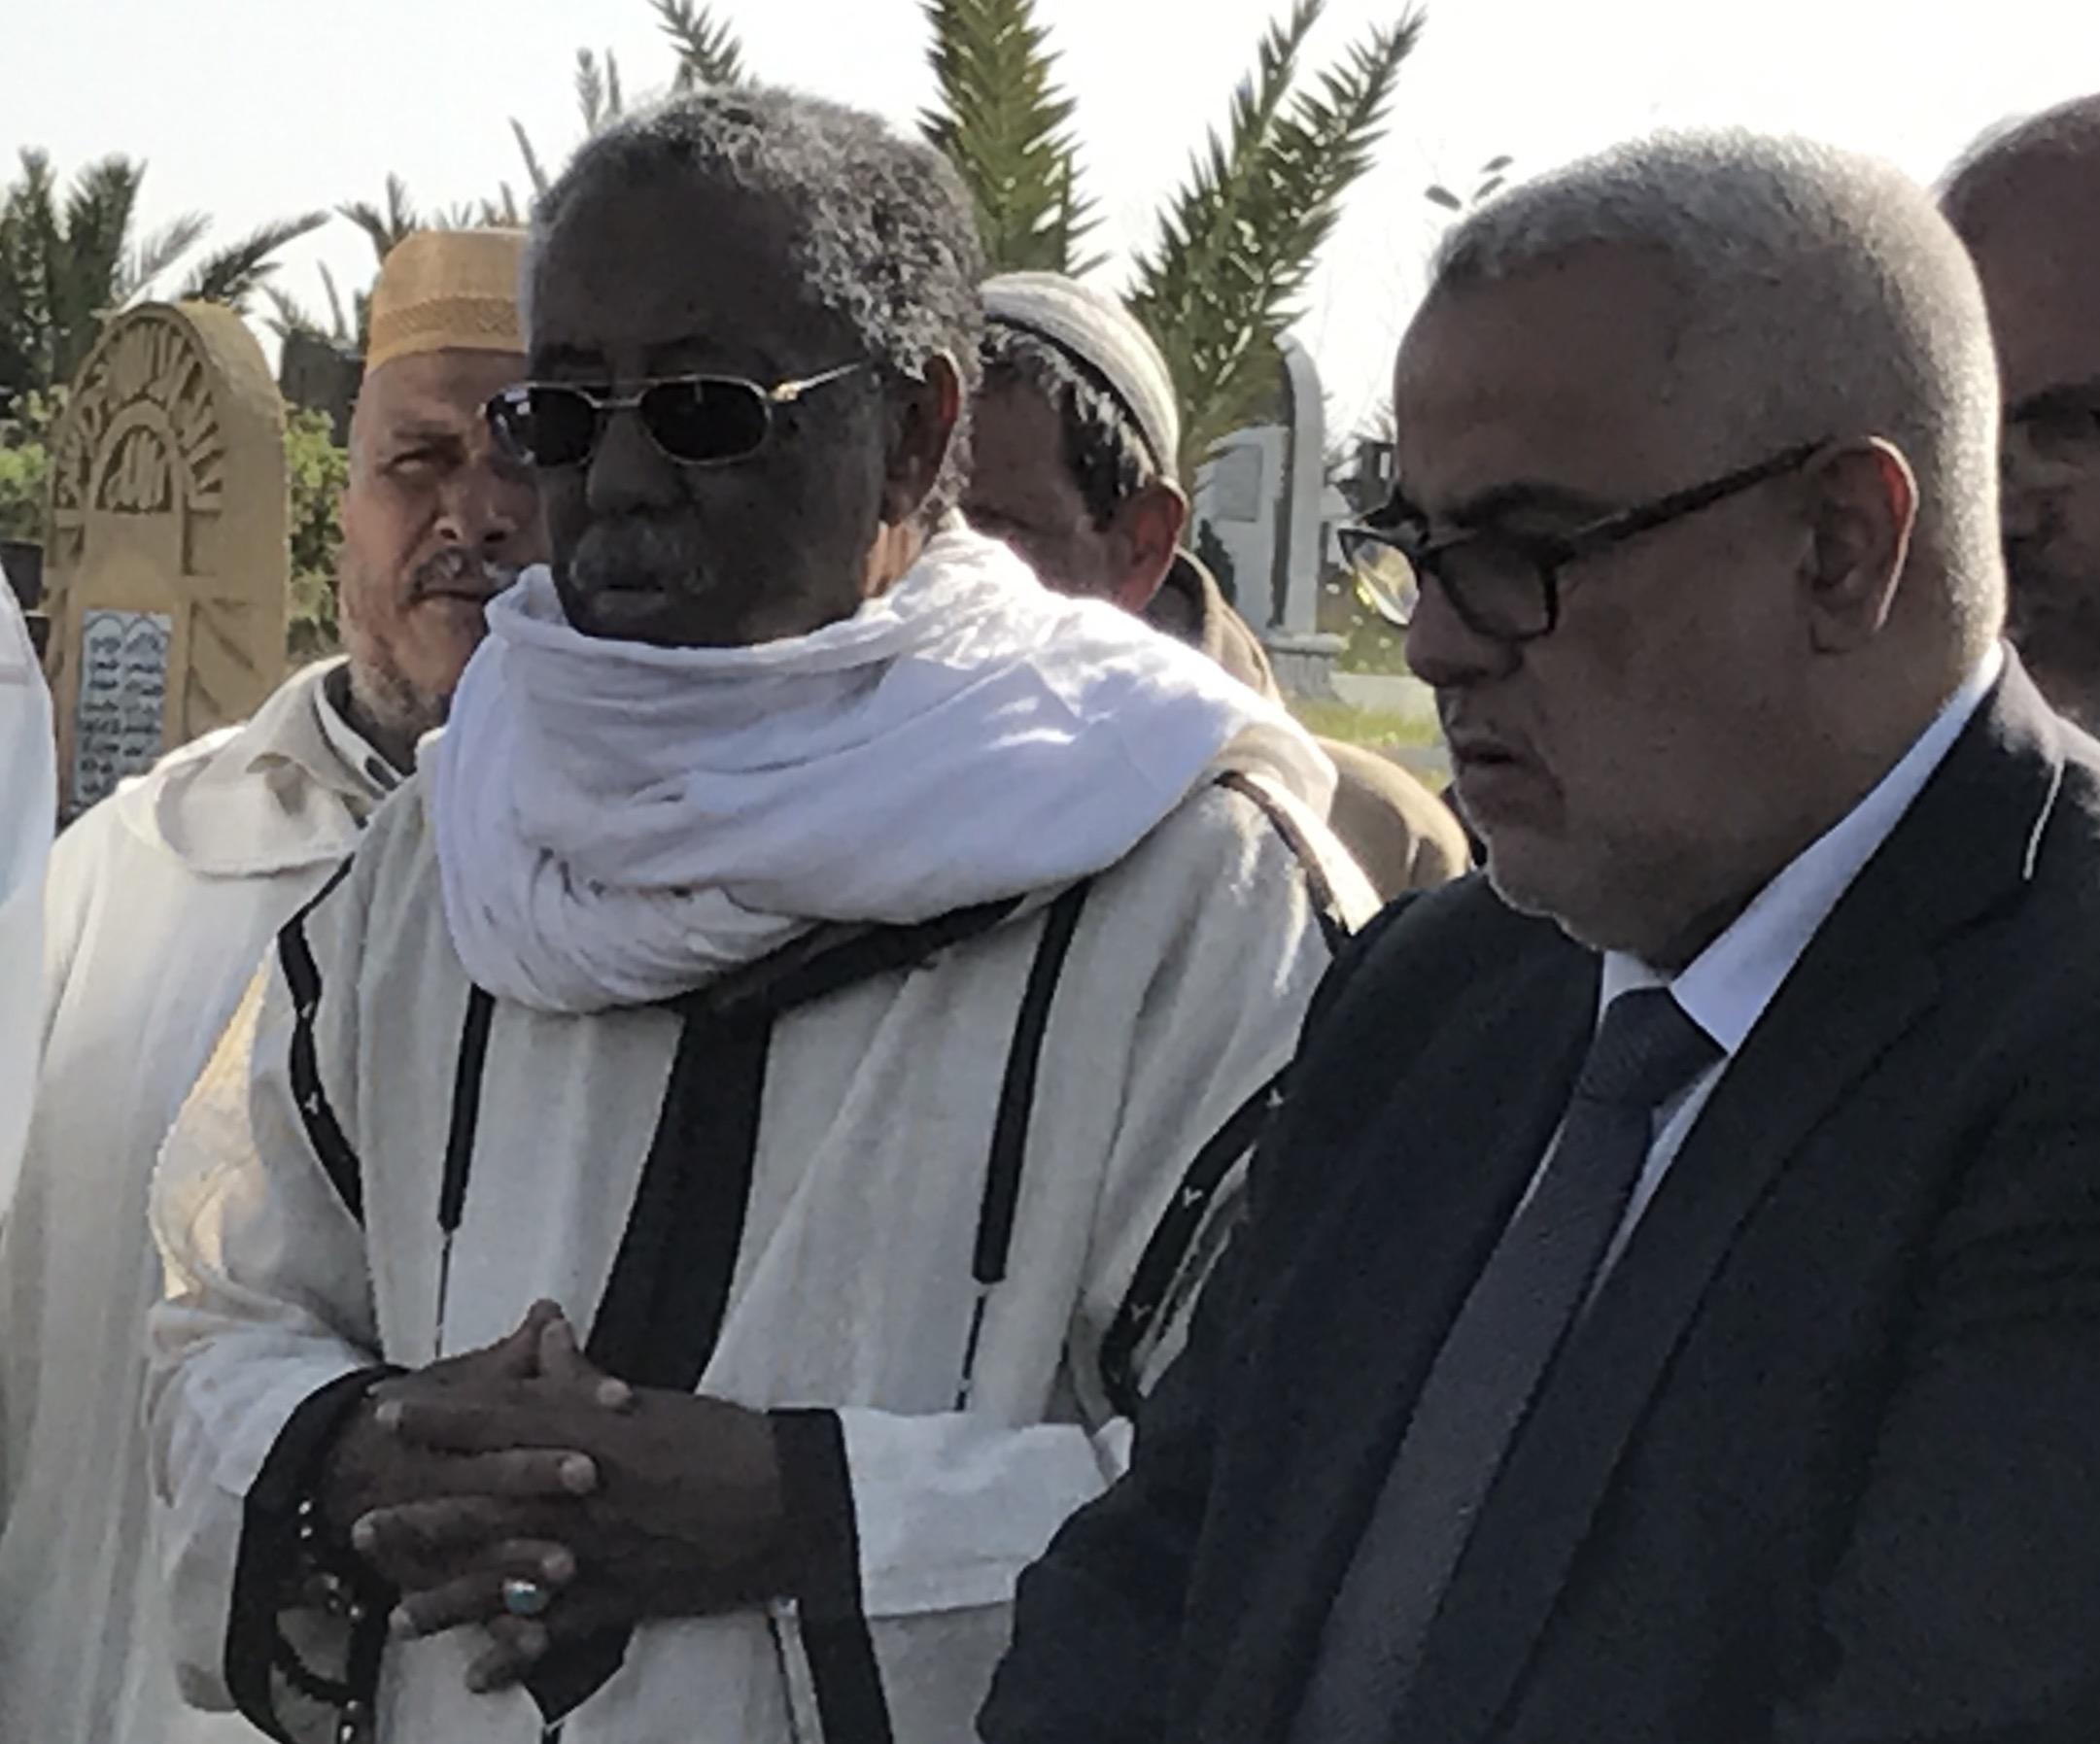 القاضي ماء العينين يقدم استقالته من القضاء احتجاجا على المس بسمعته